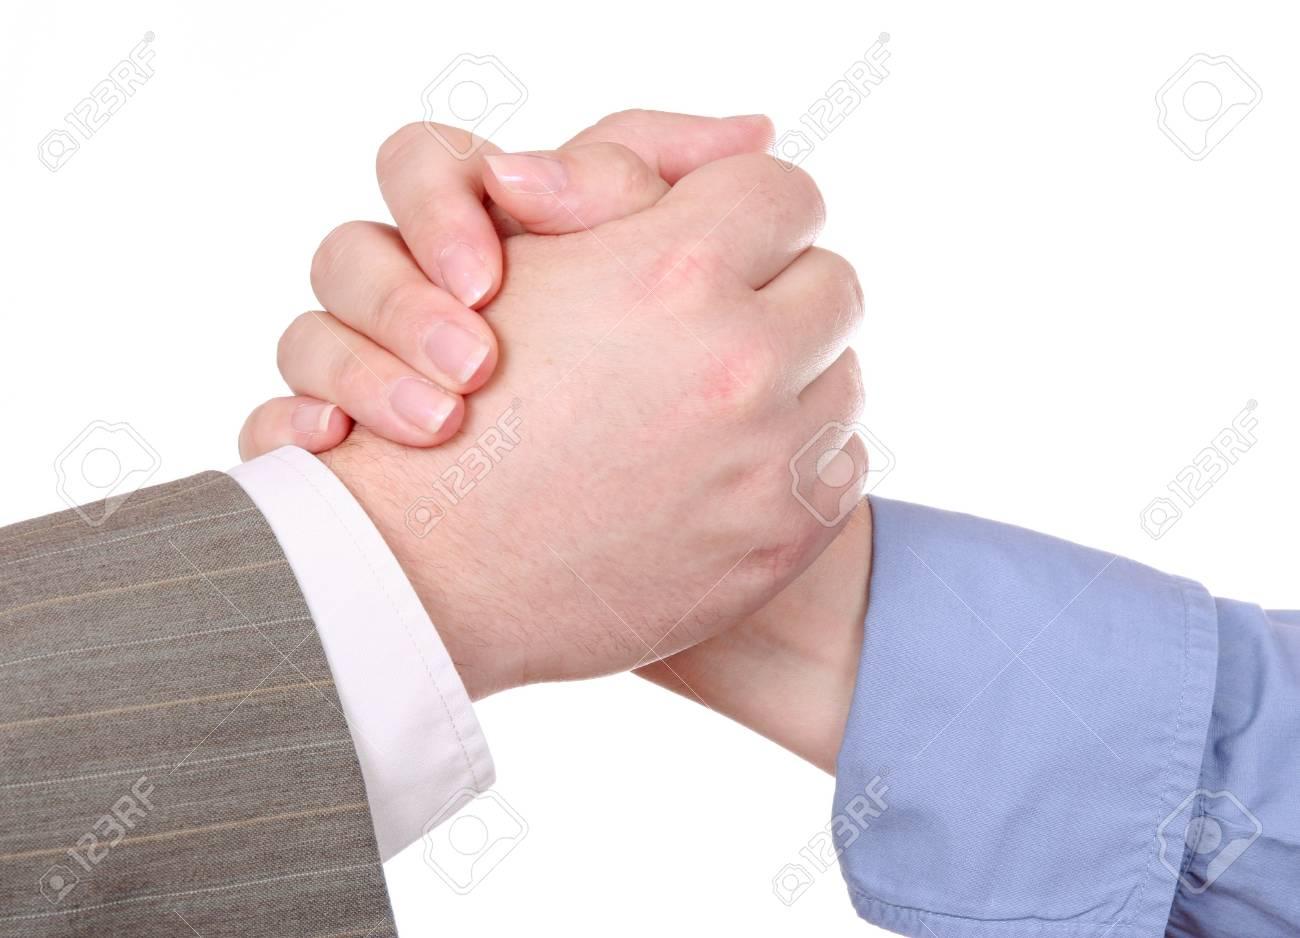 Handshake isolated on white background Stock Photo - 4055577